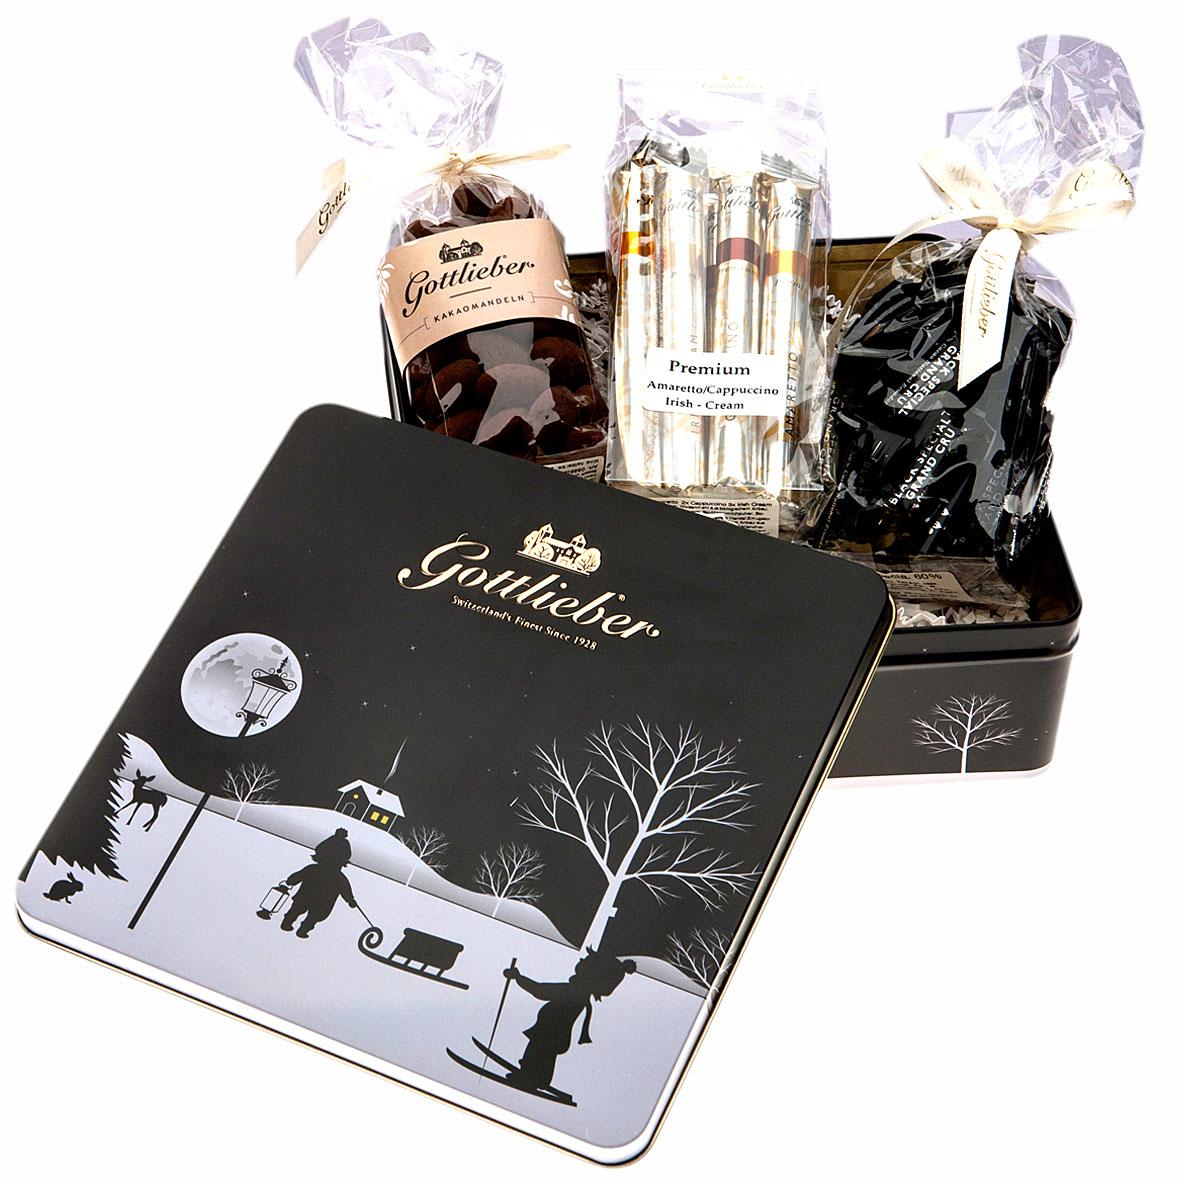 Gottlieber Schokolade Geschenkset Winter